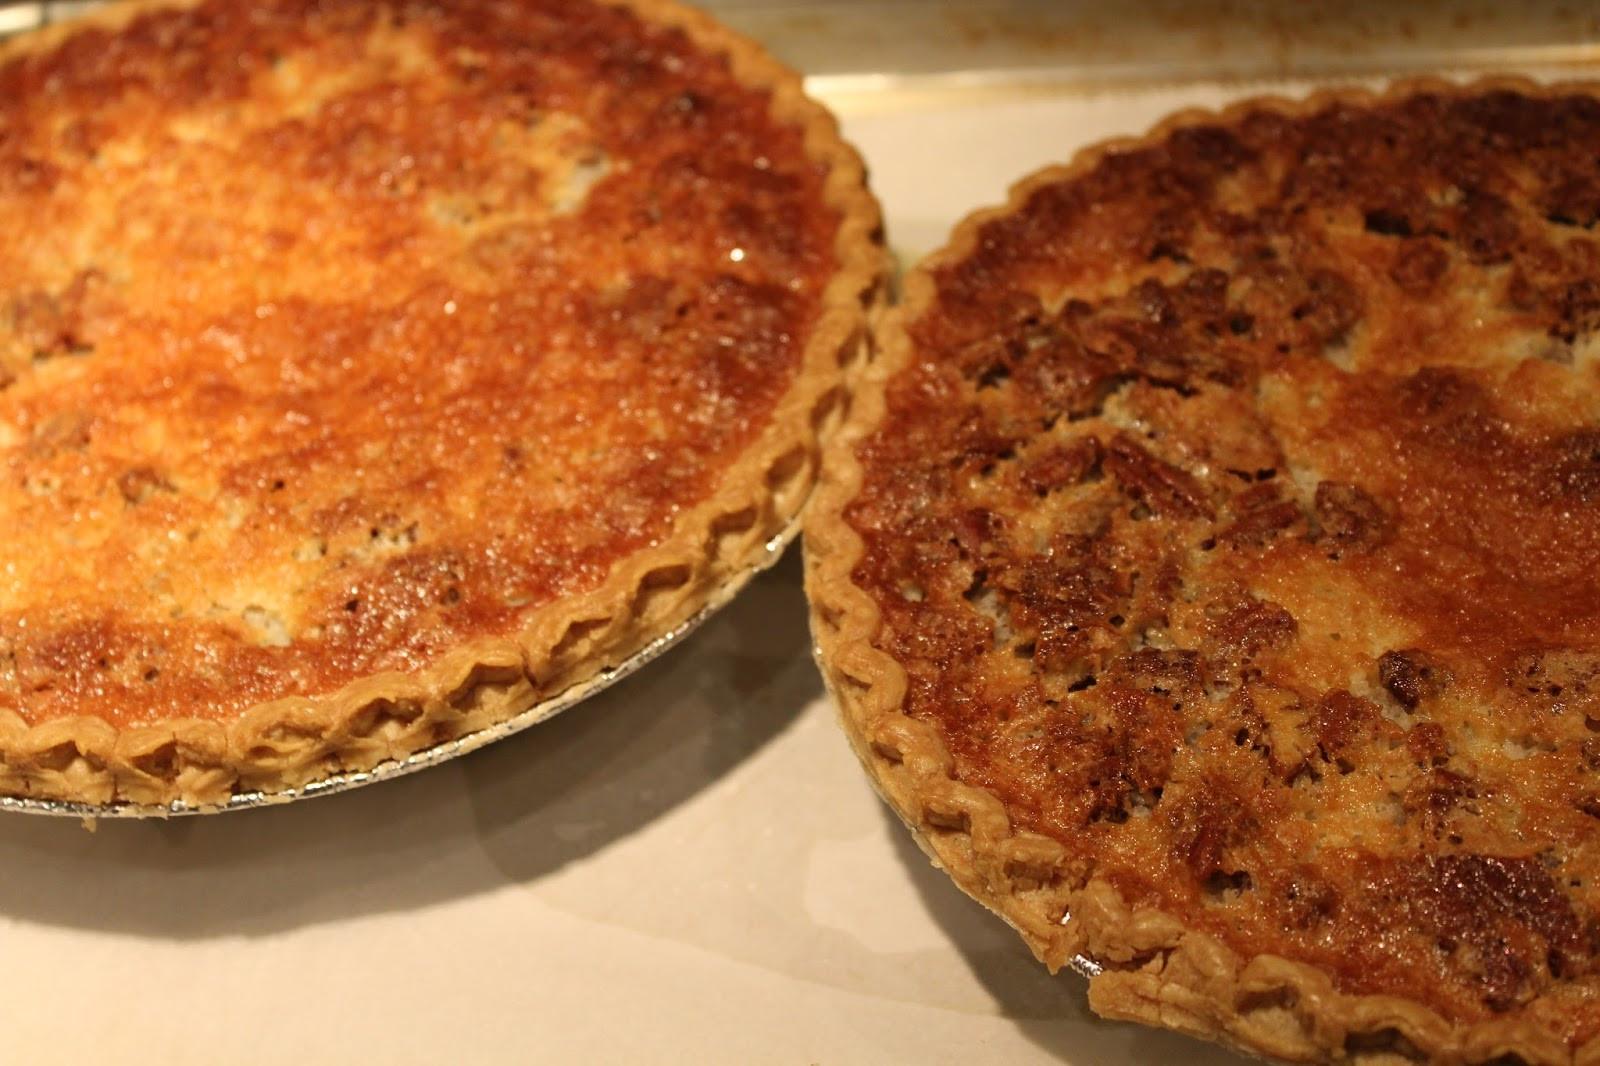 Buttermilk Pecan Pie  My Heart with Pleasure Fills Buttermilk Pecan Pie well